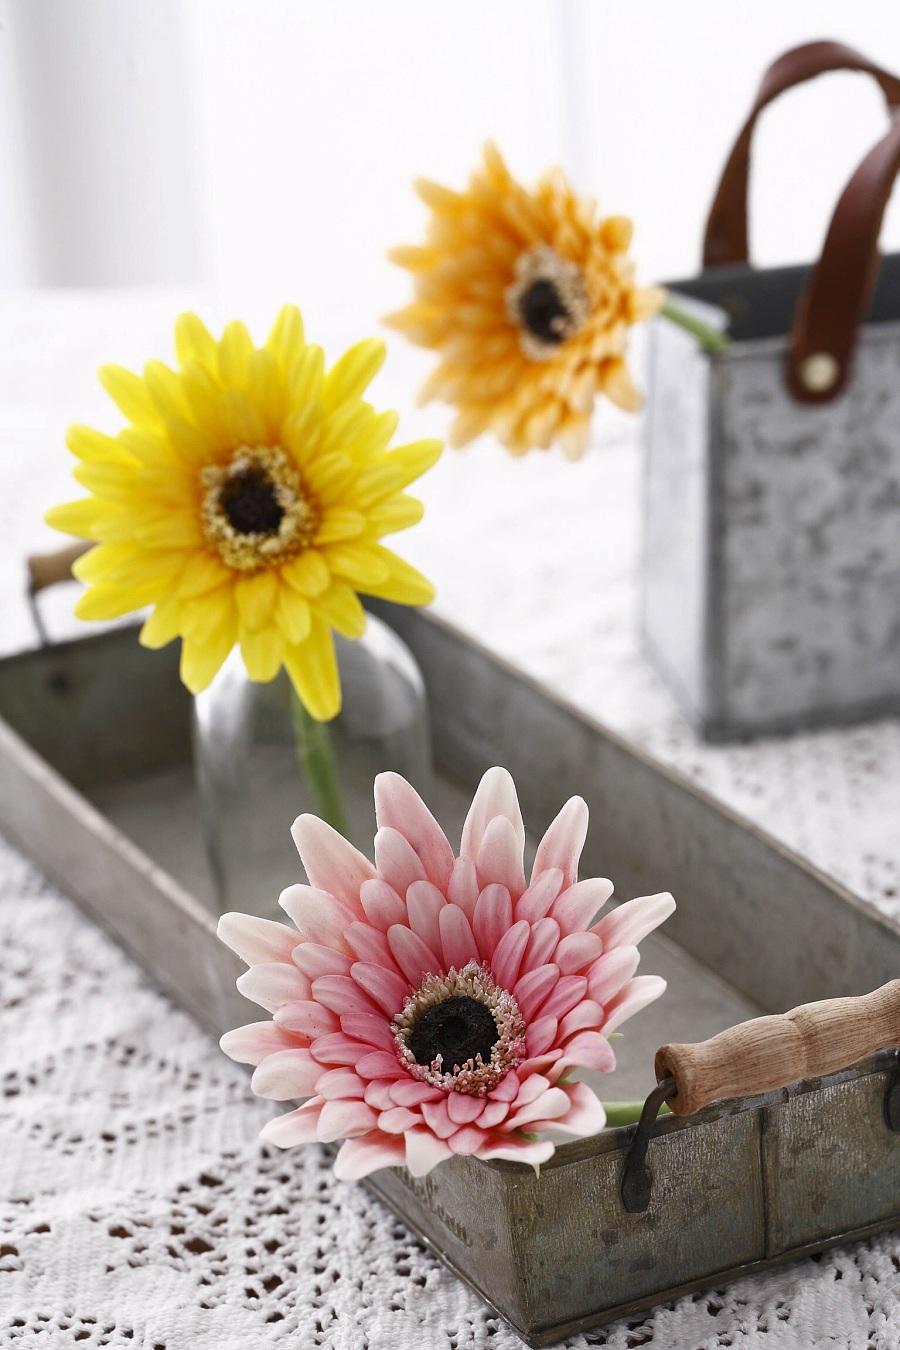 原创作品:粘土花卉图片